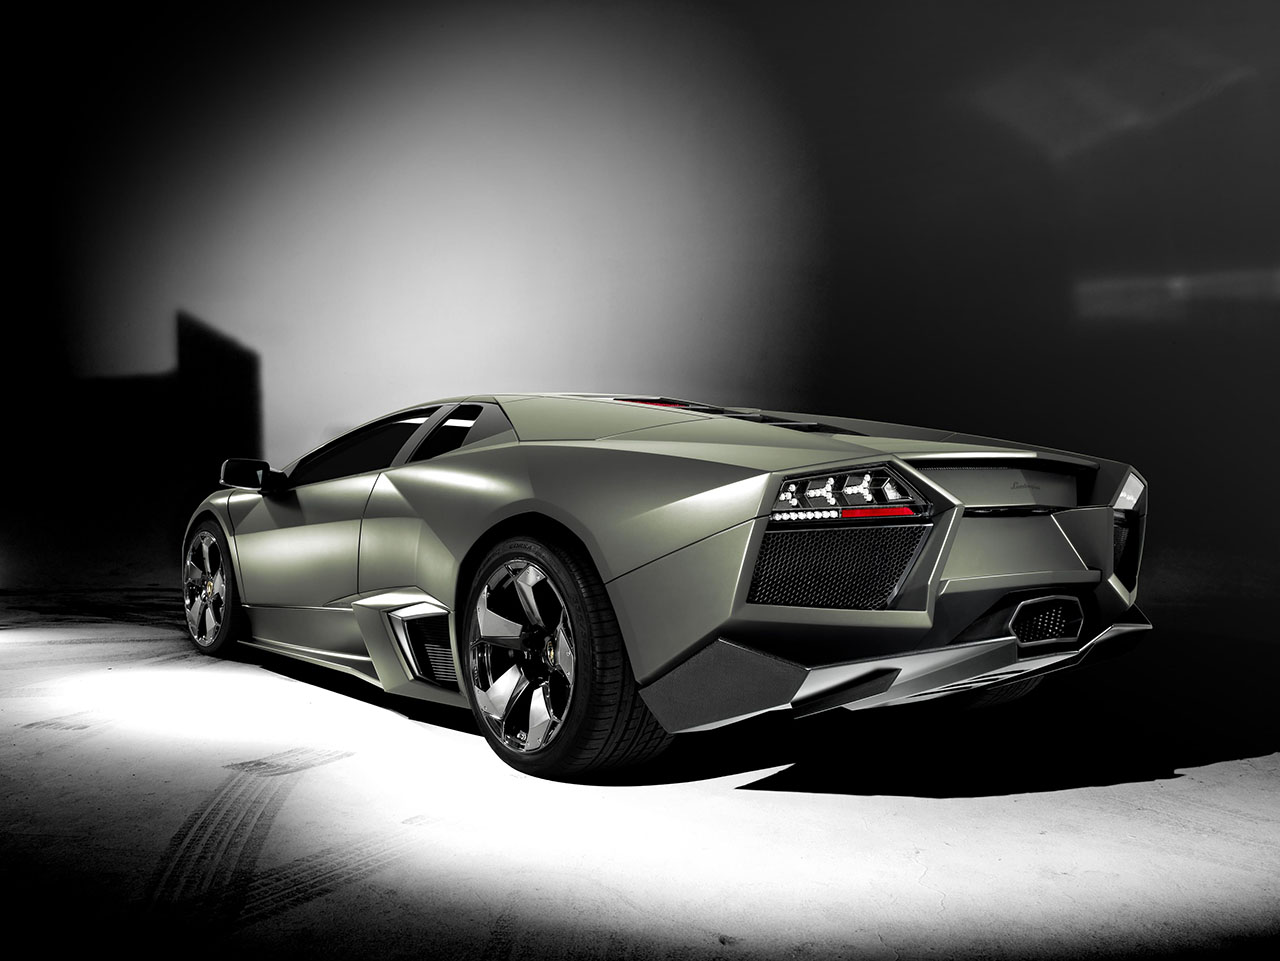 Постер на подрамнике Lamborghini-21